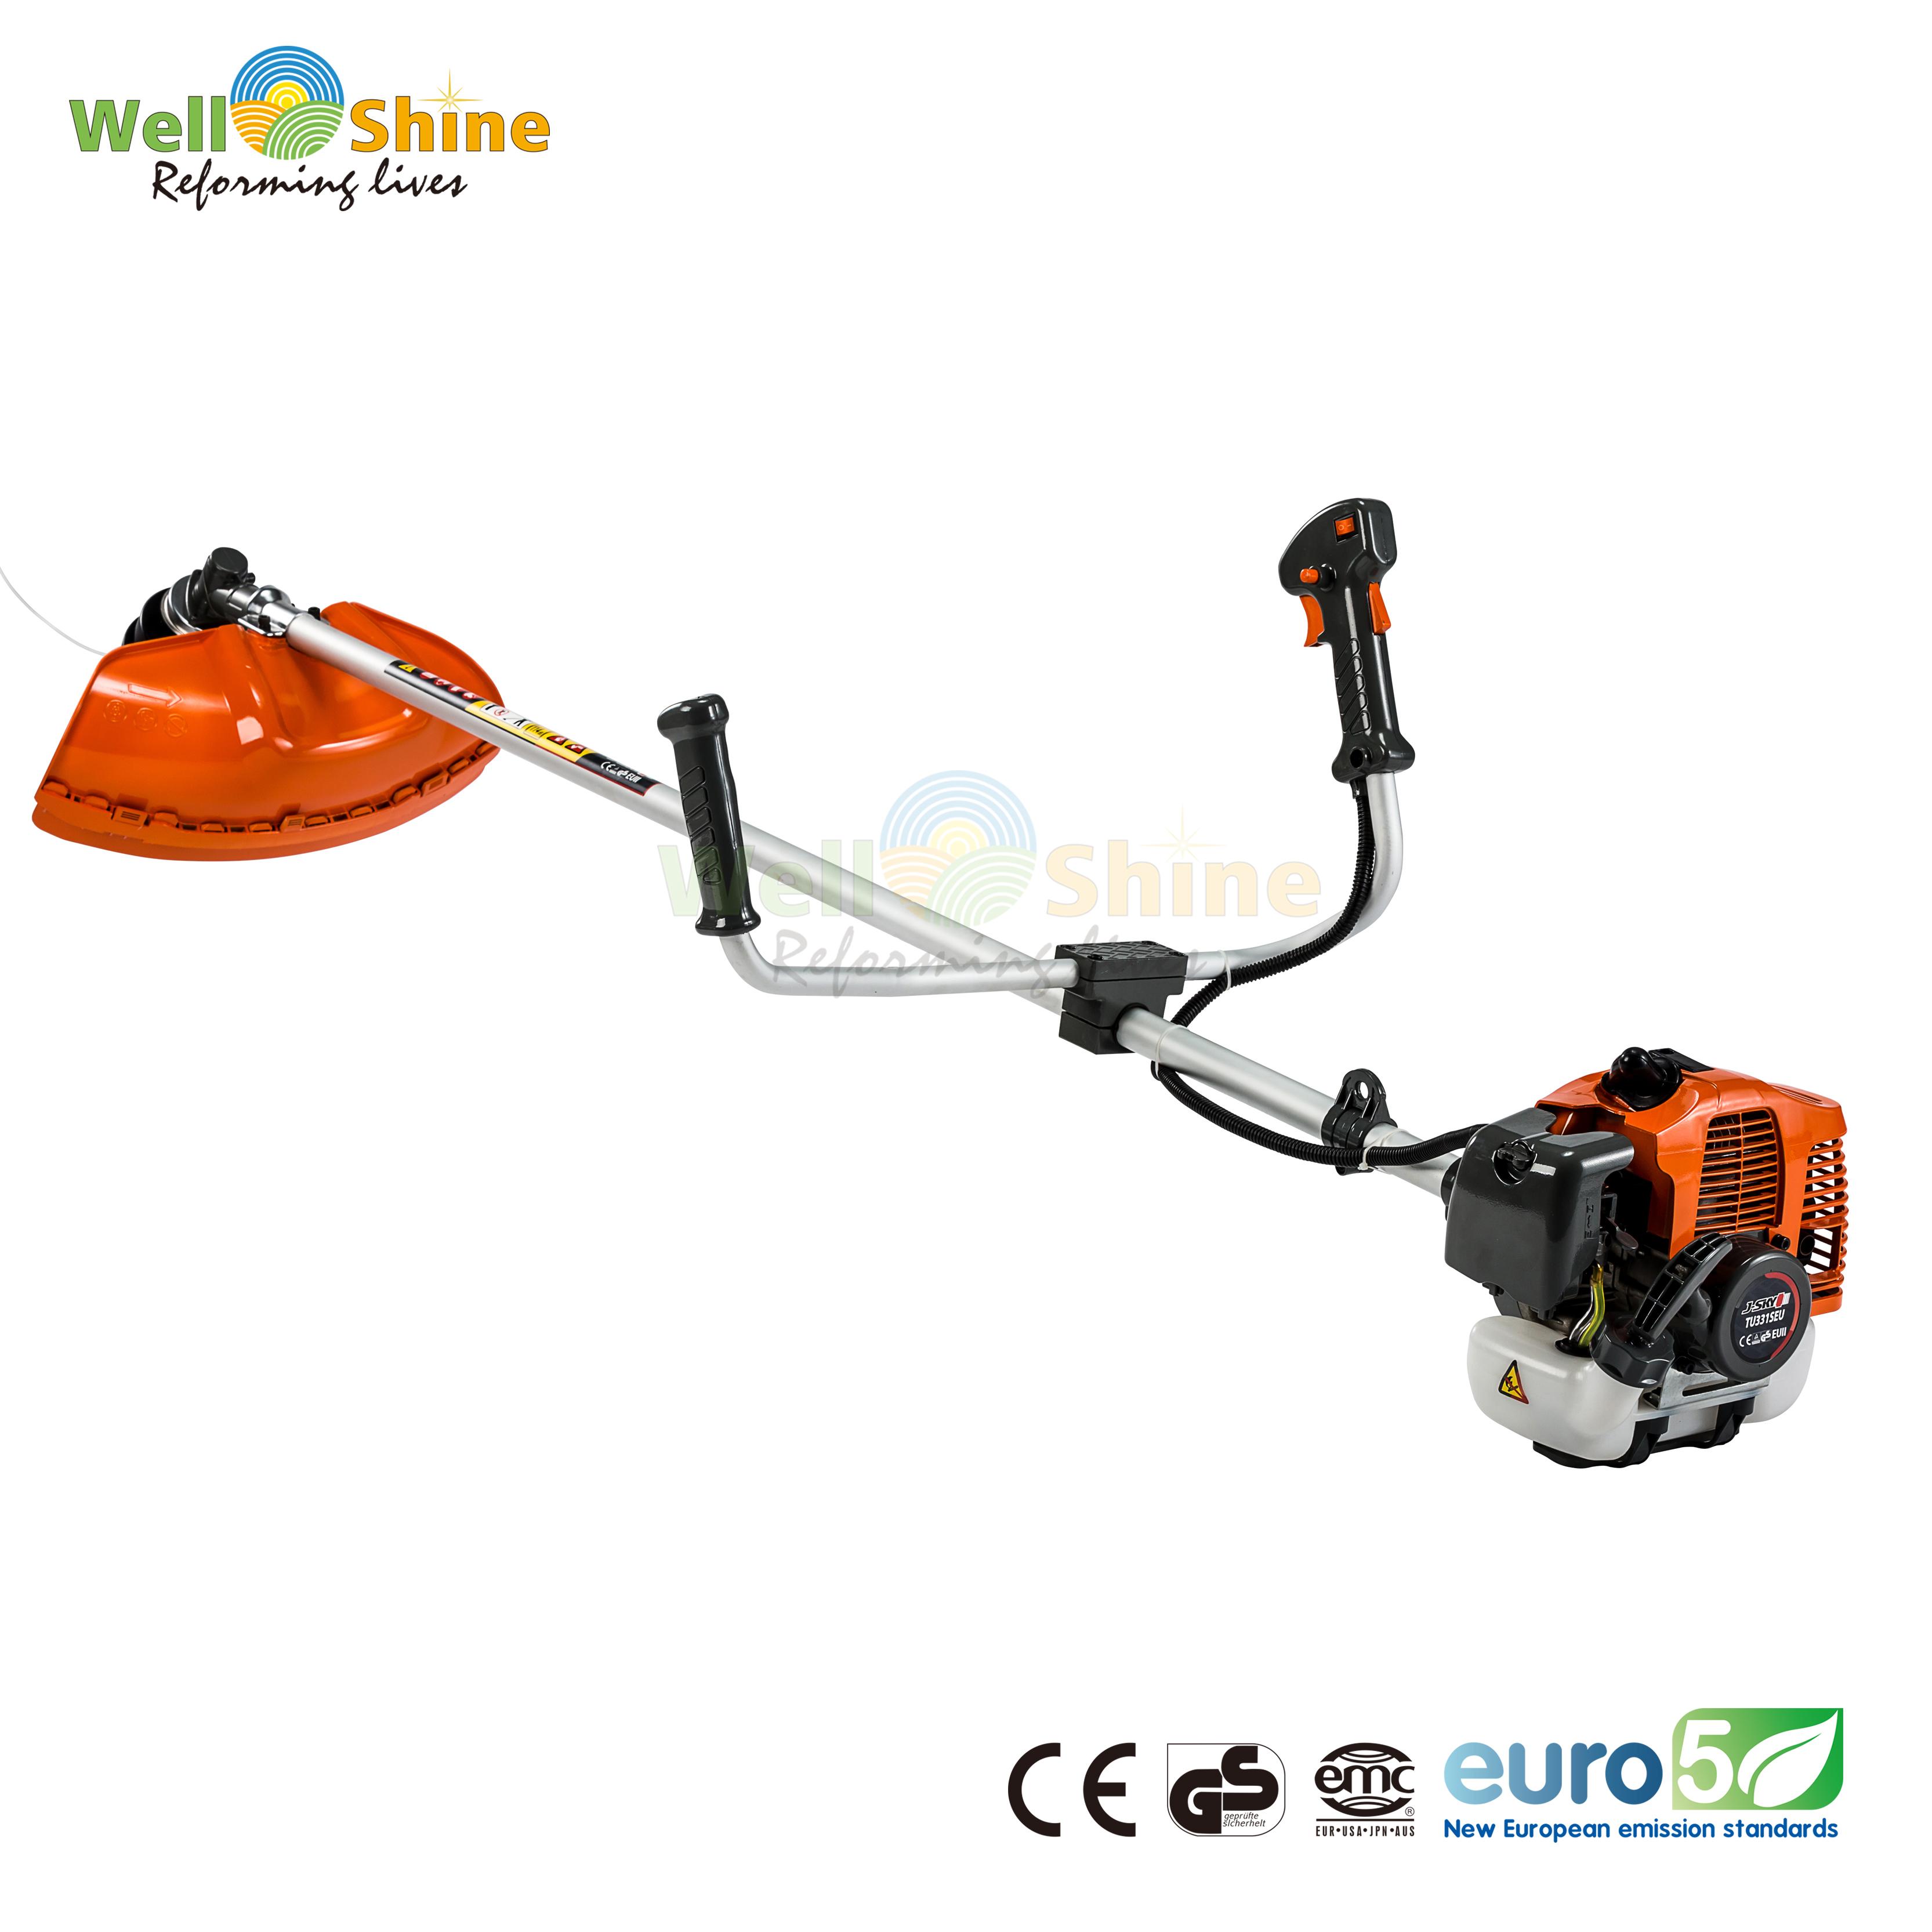 TU331 Brush Cutter